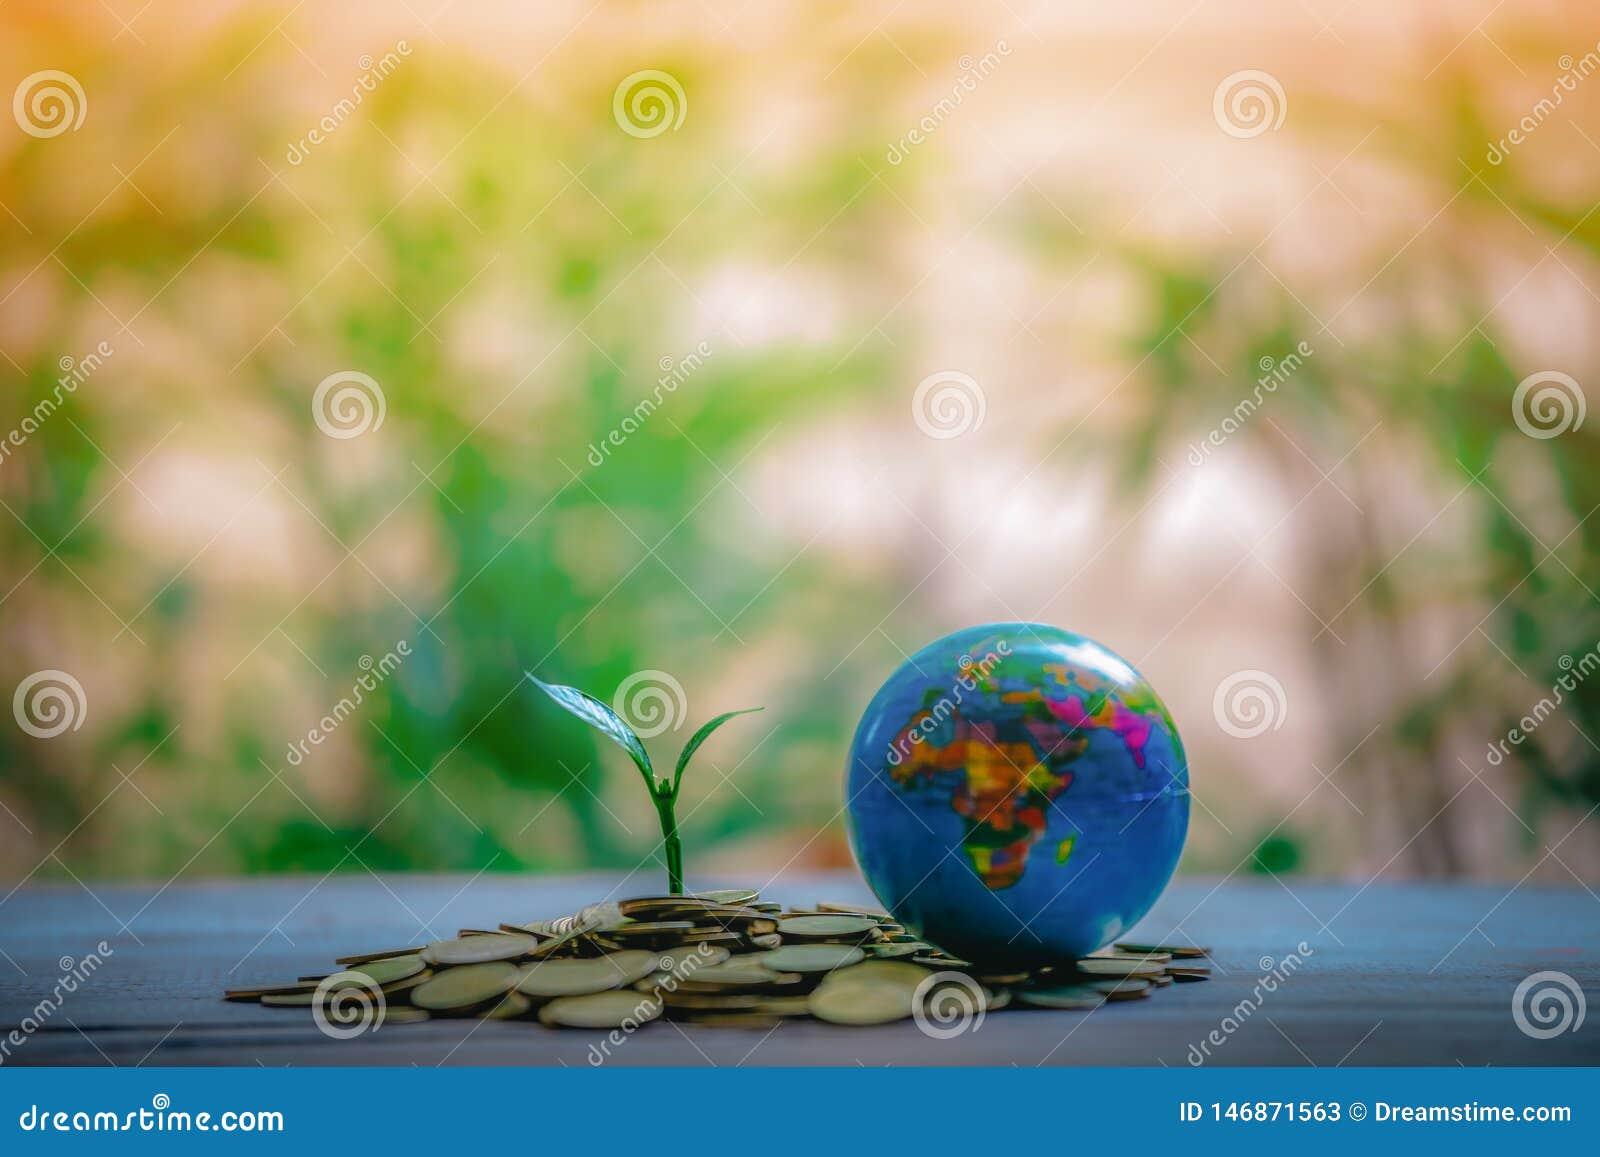 Καλλιέργεια στα νομίσματα - ιδέες επένδυσης για την αύξηση